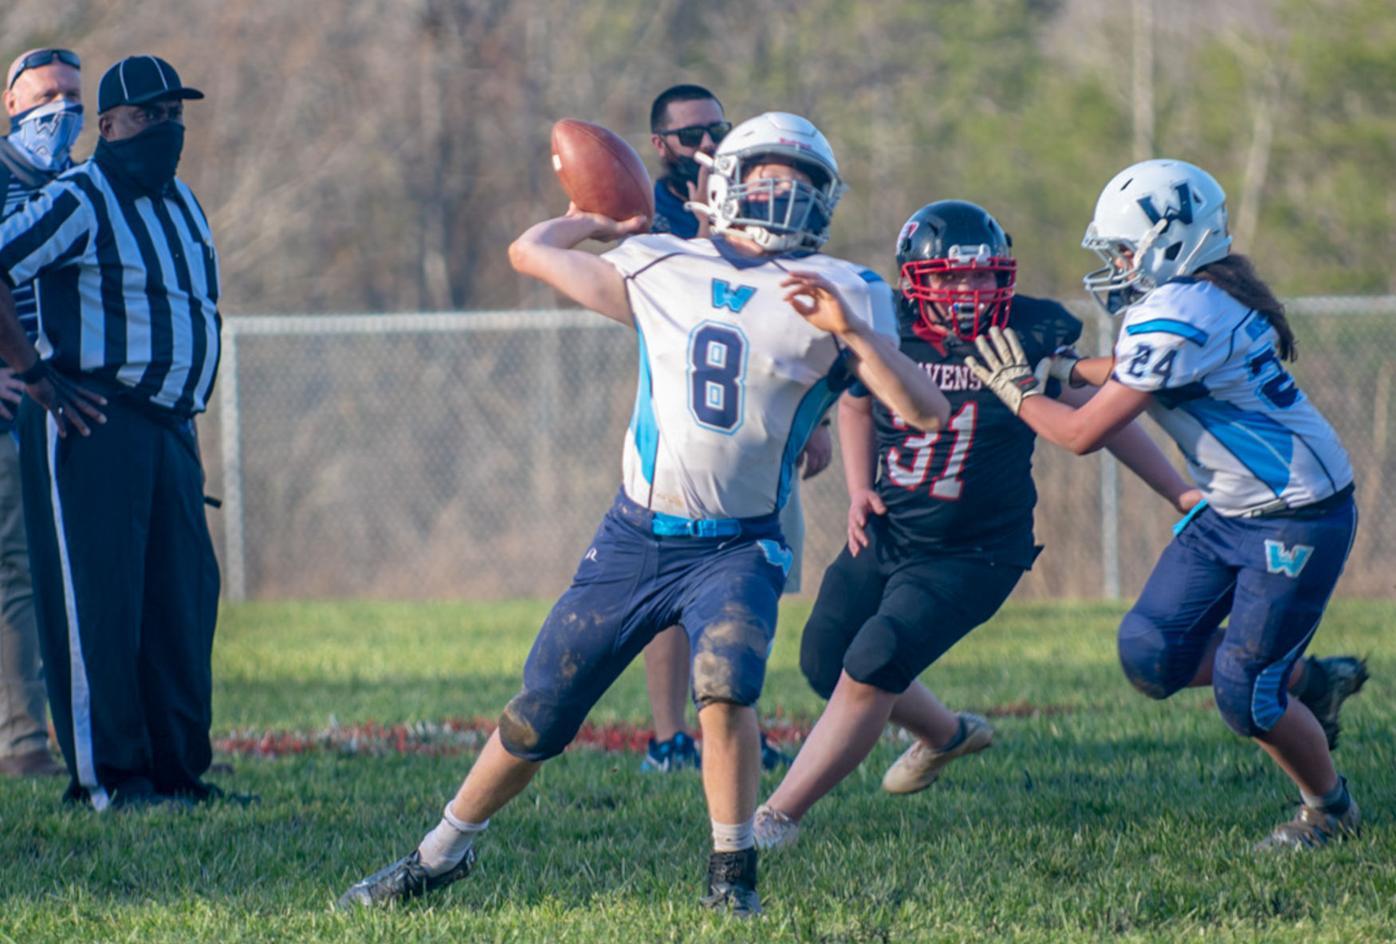 Luke Edmisten - Watauga Middle School Football